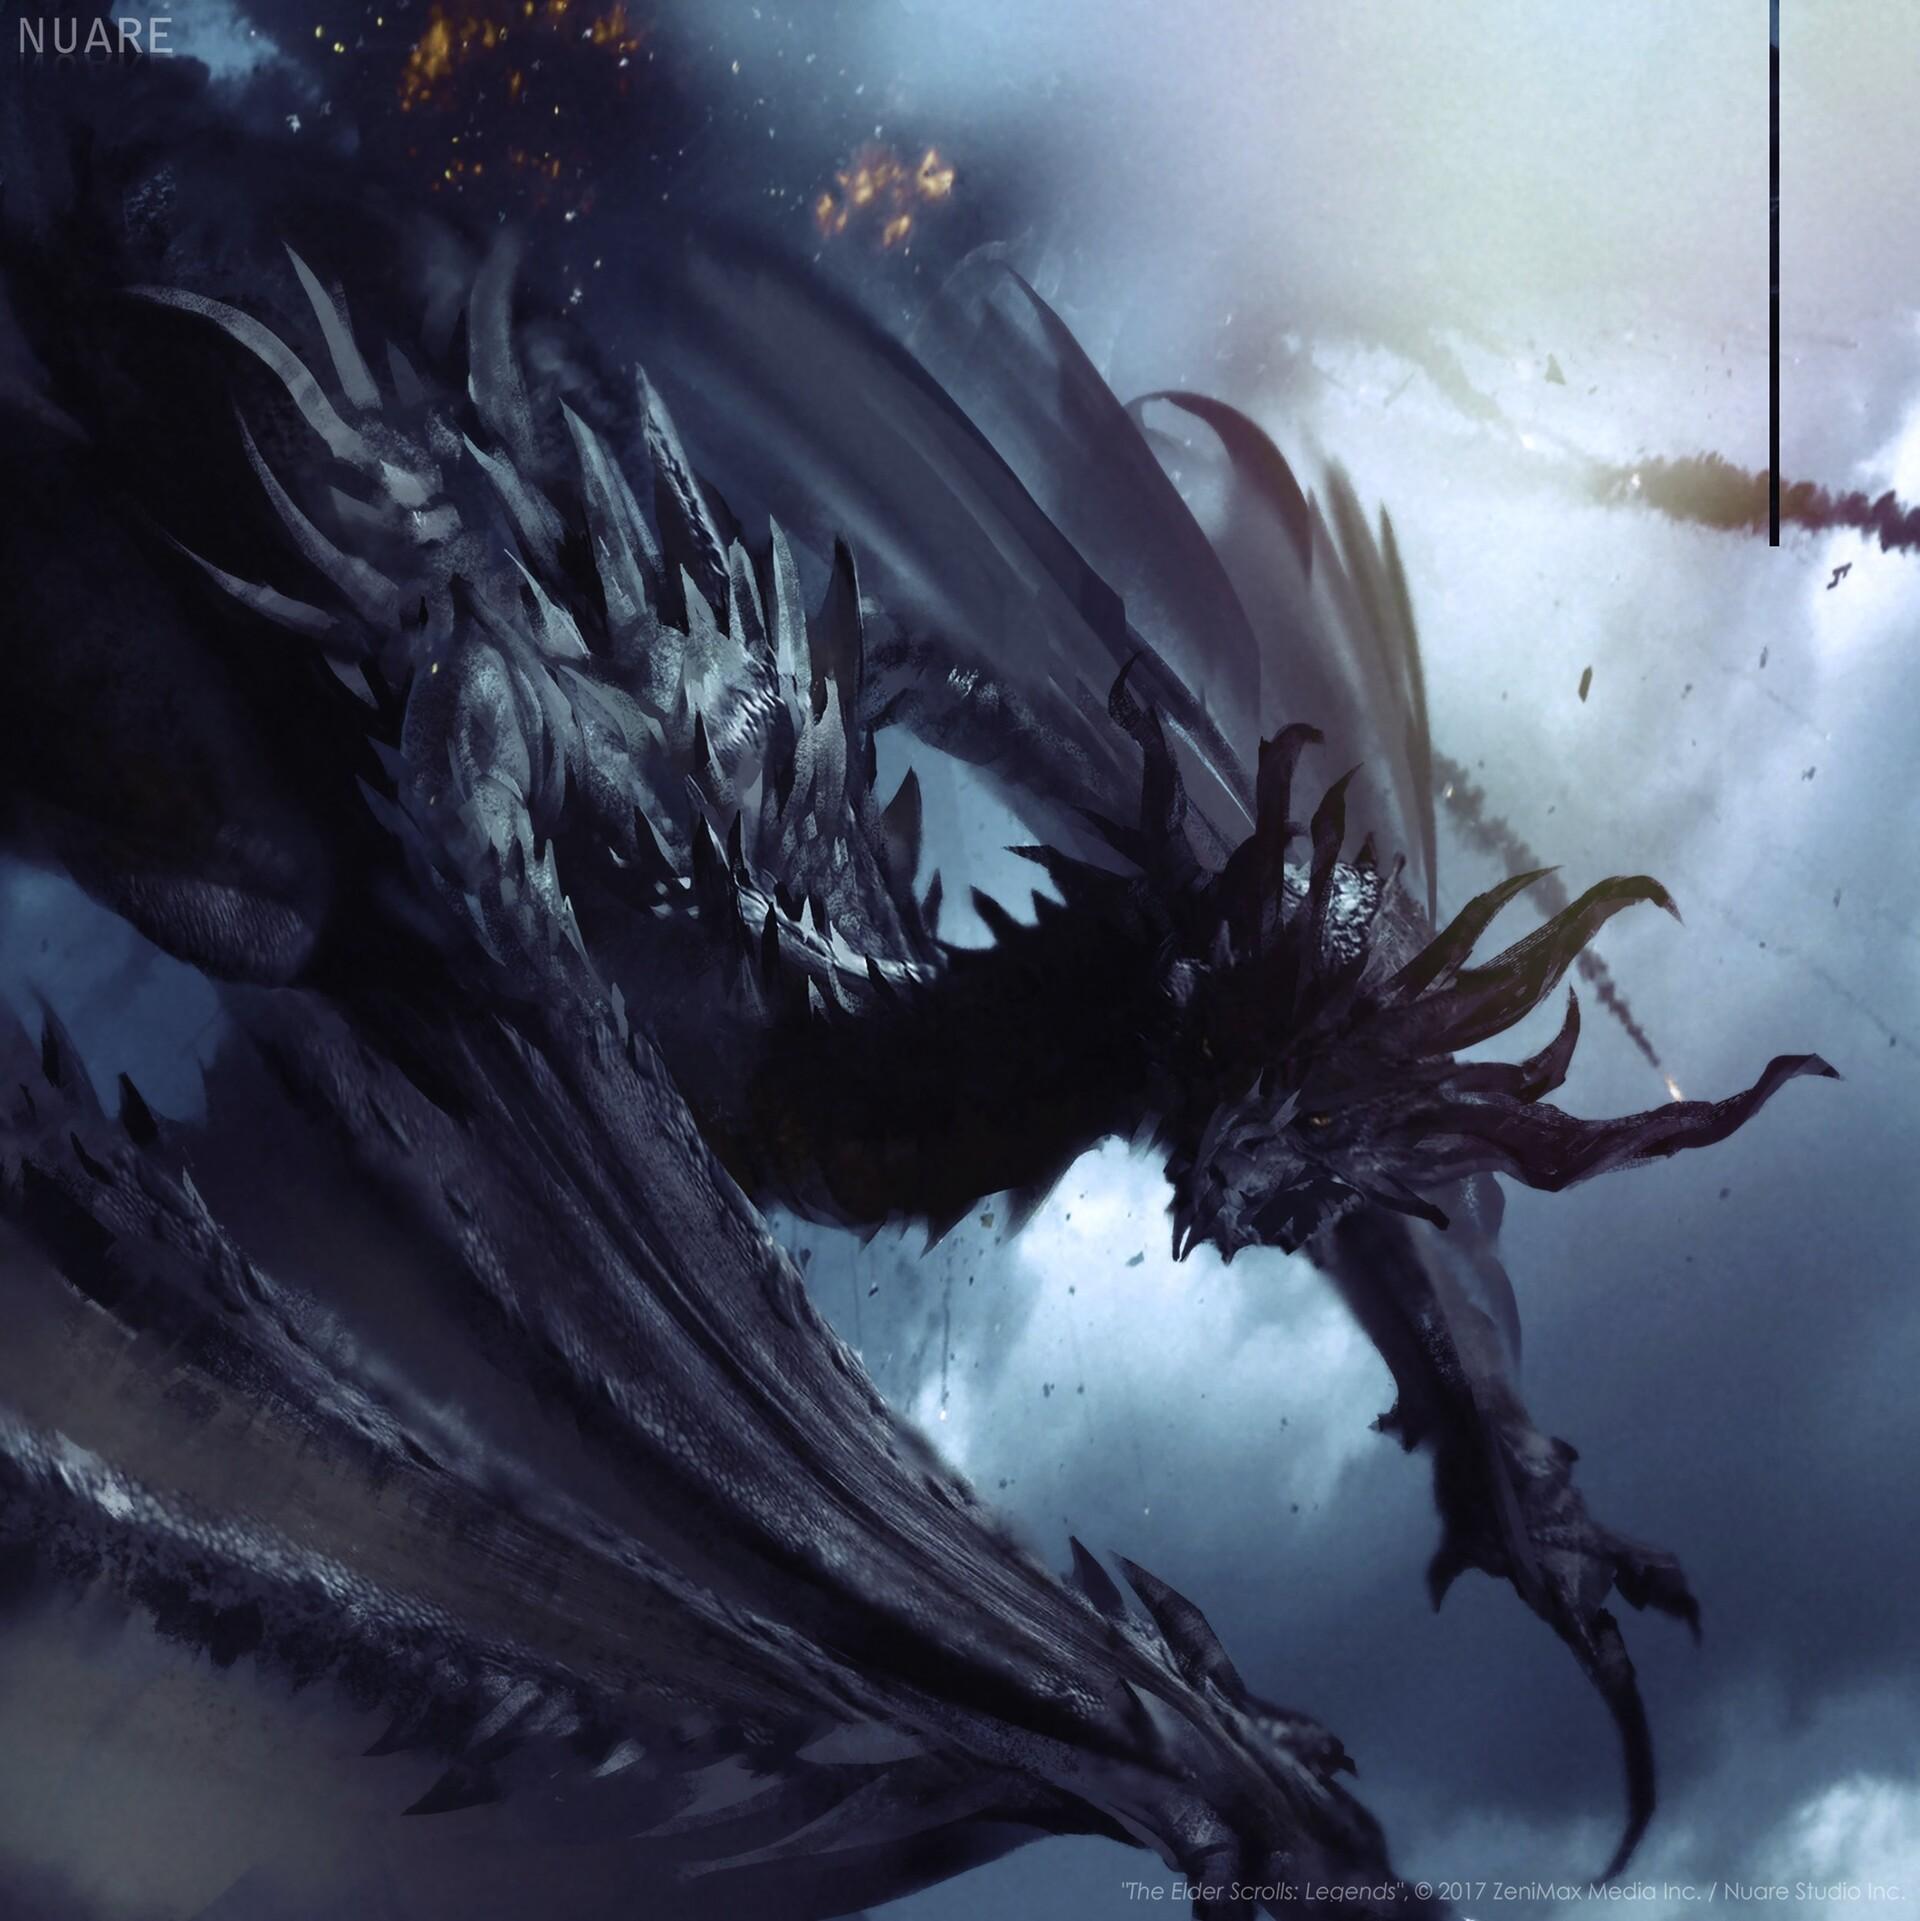 elder scrolls legends forum